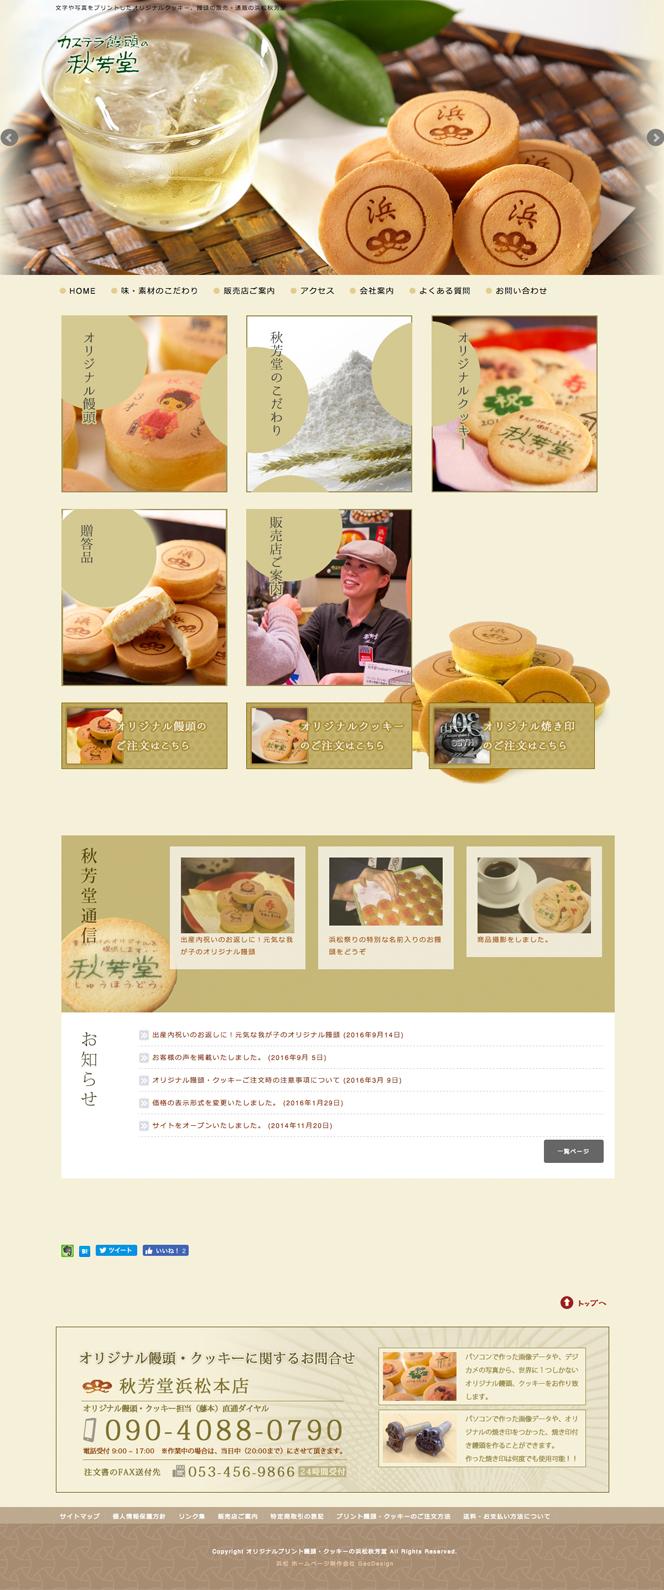 ホームページ制作実績:プリント饅頭の秋芳堂